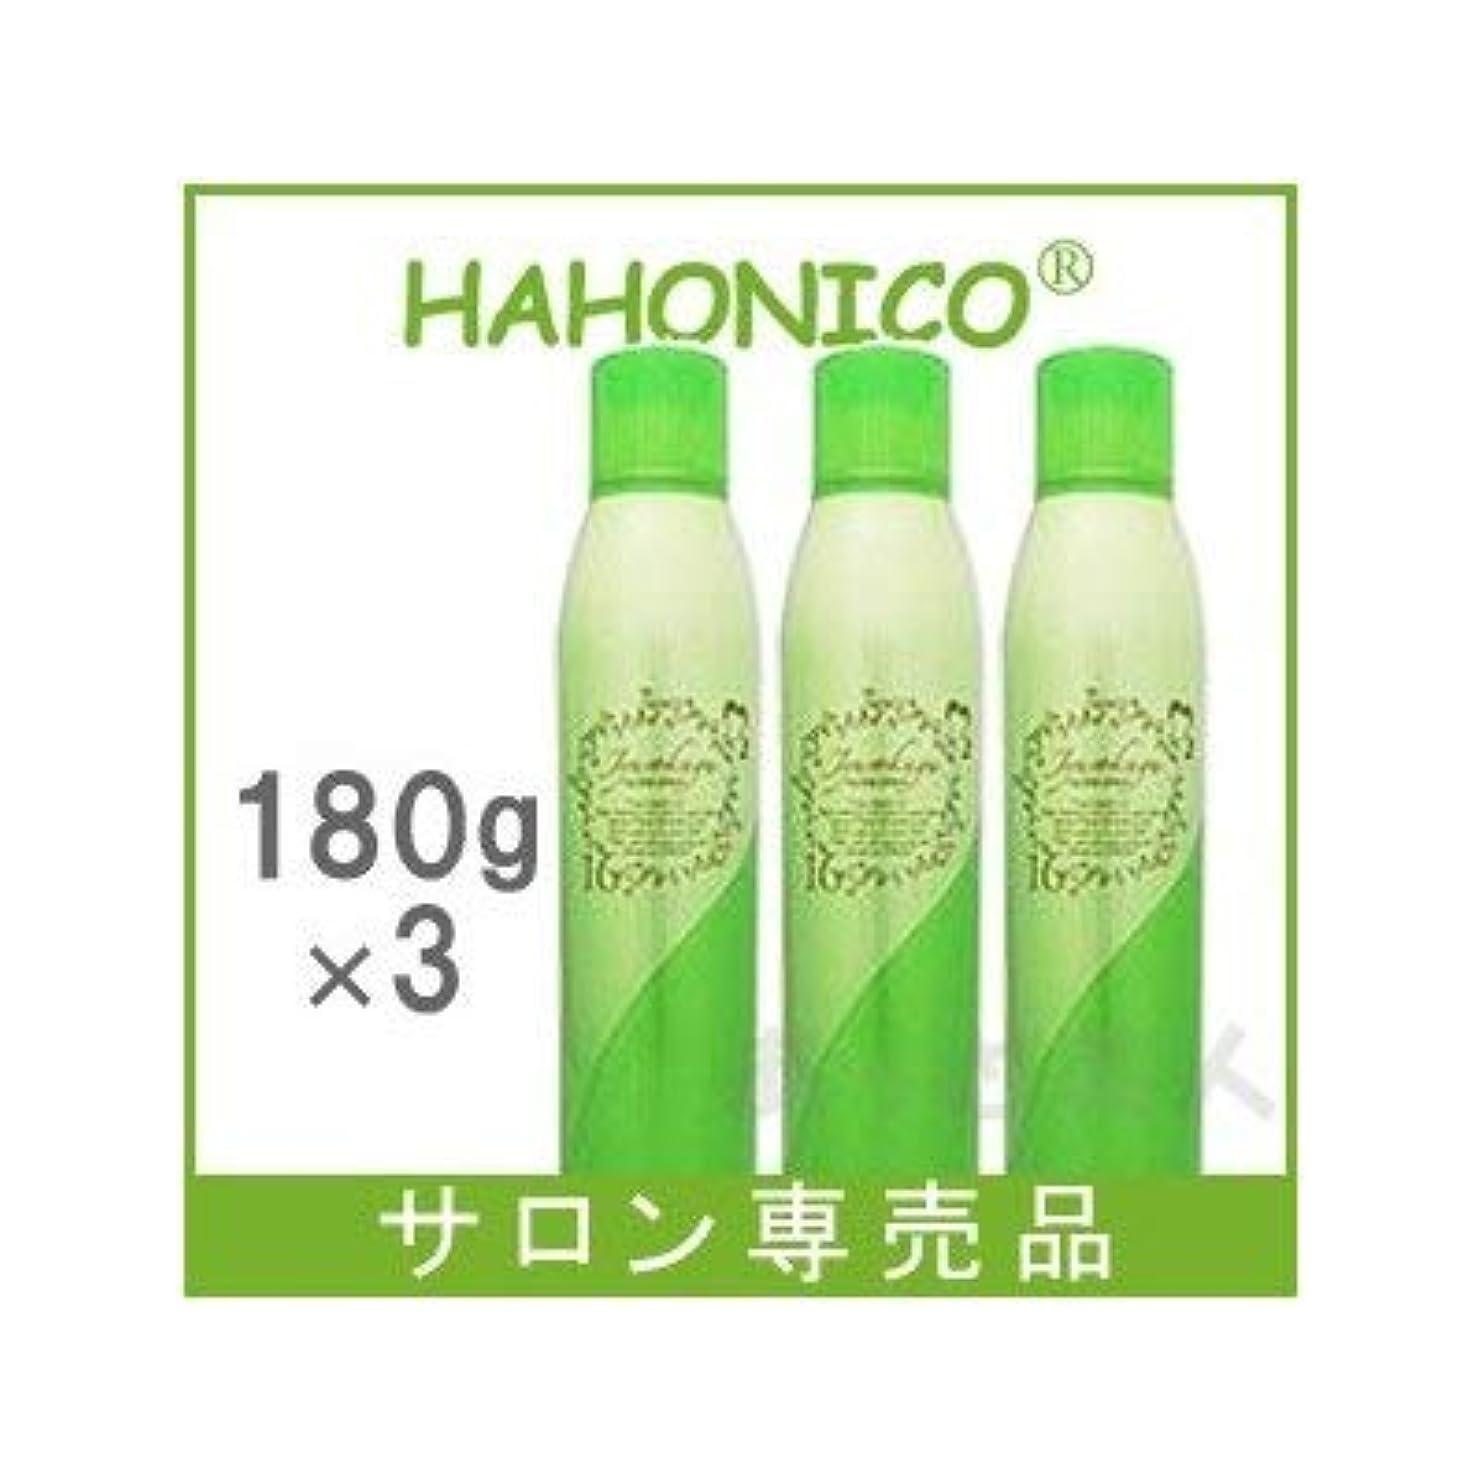 誇張ロンドン気質【X3個セット】 ハホニコ ジュウロクユ ツヤスプレー 180g 十六油 HAHONICO